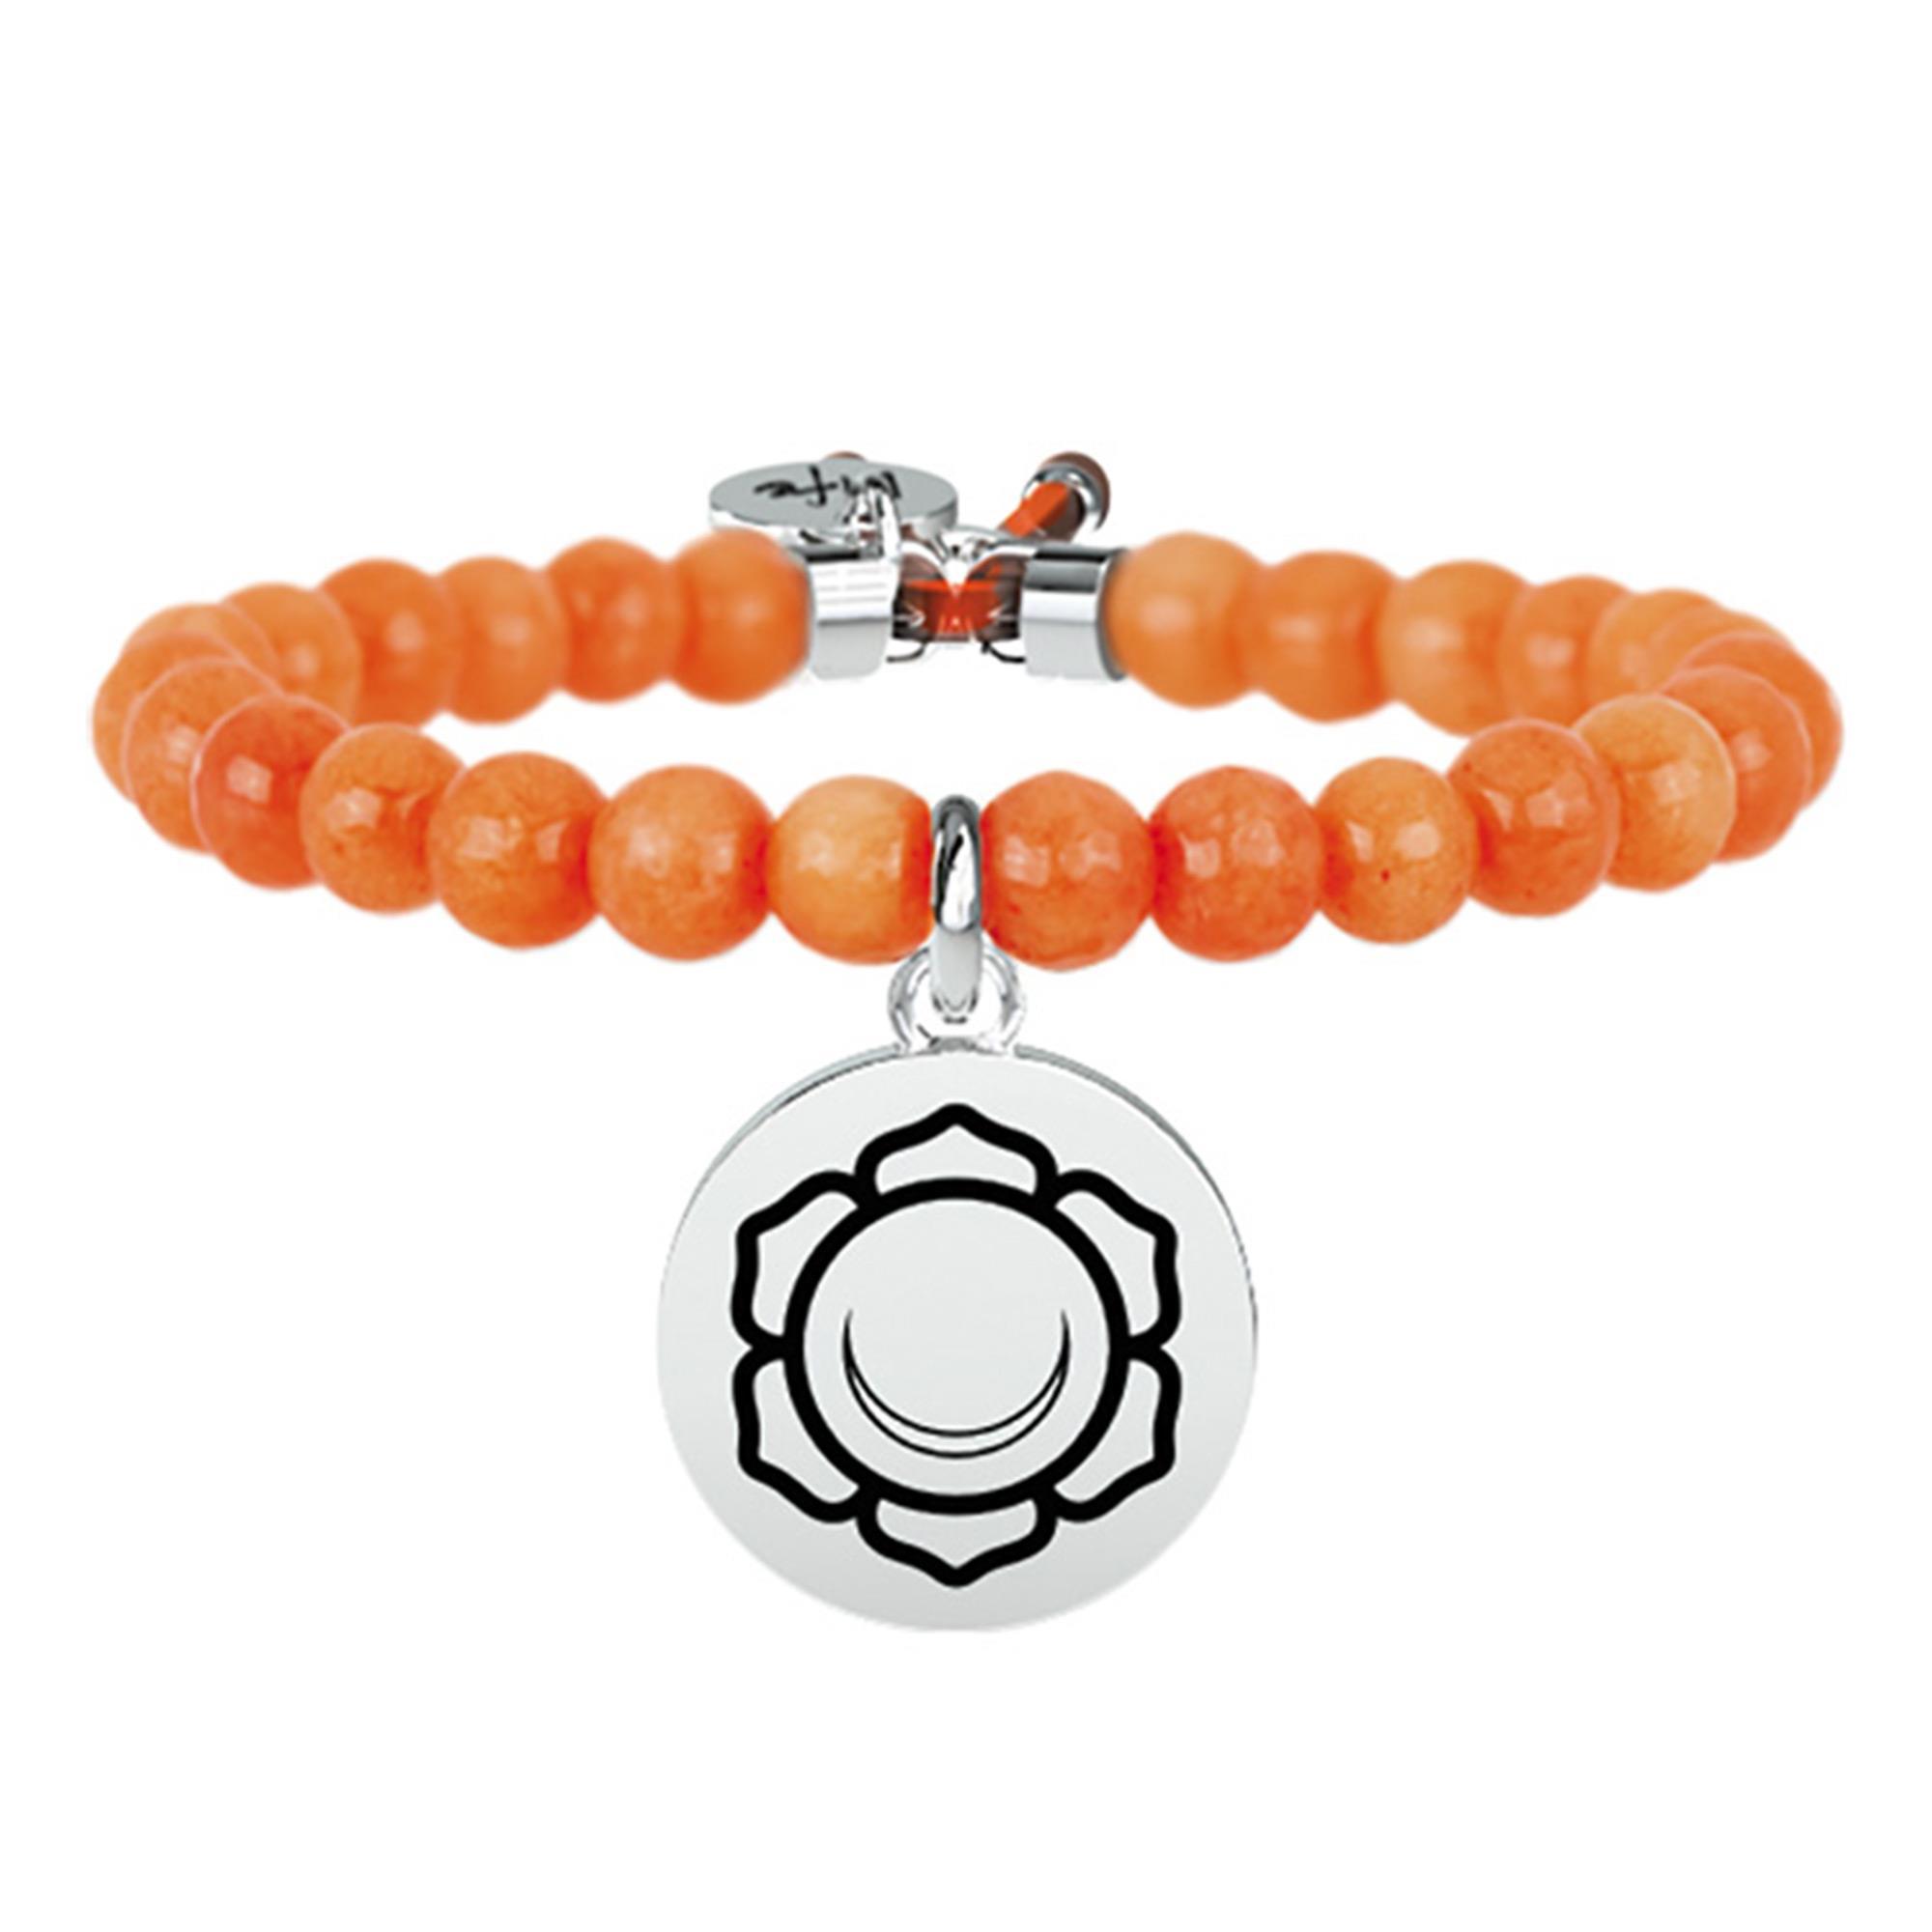 Bracciale Spirituality II Chakra Giada Arancione | Gioia - KIDULT